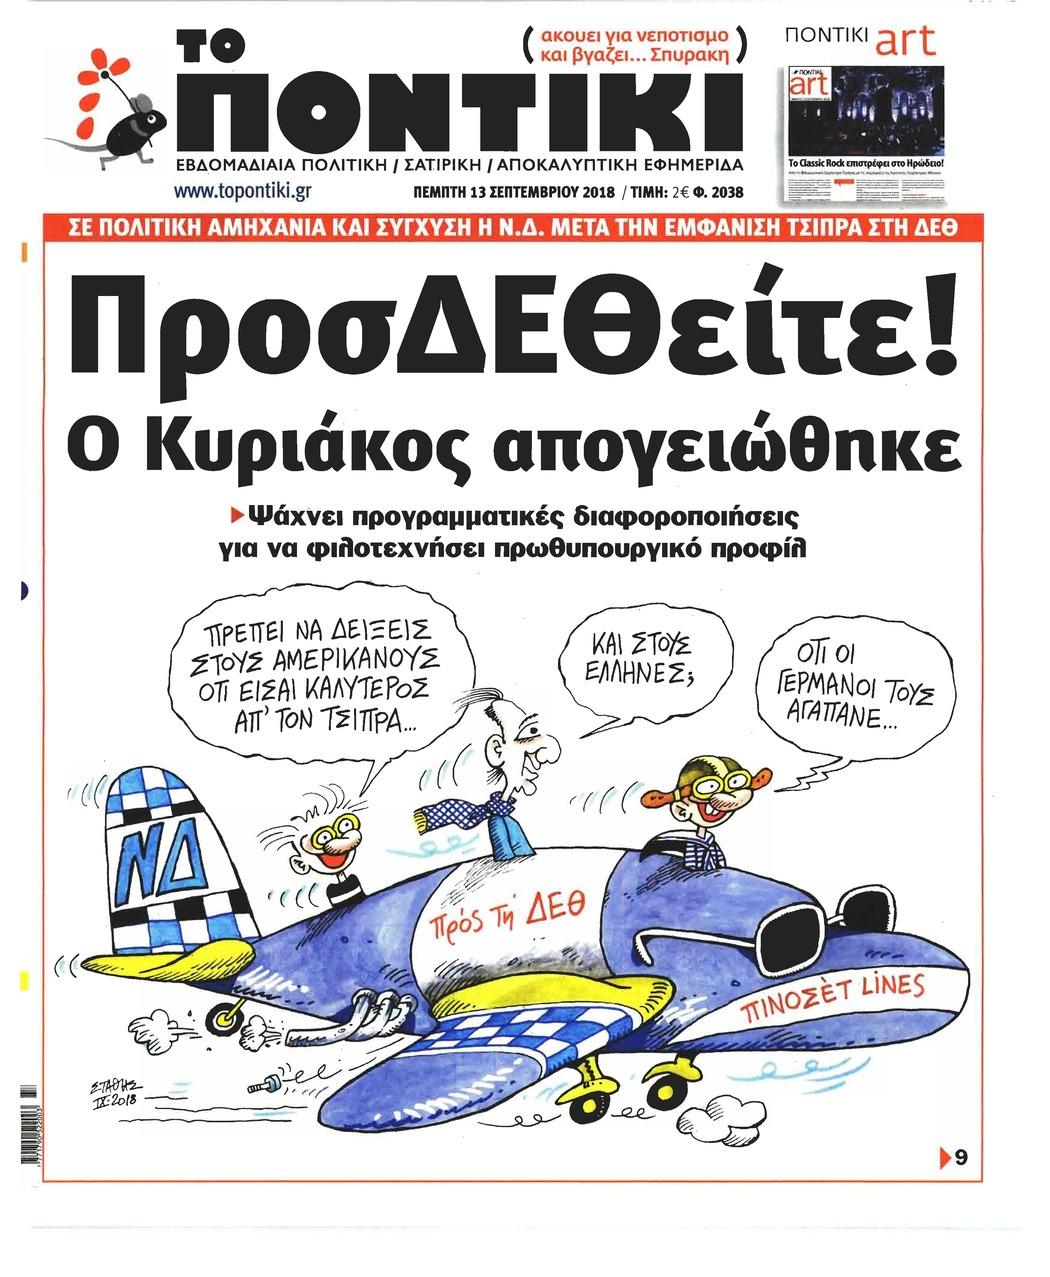 Πρωτοσέλιδο εφημερίδας Το ποντίκι